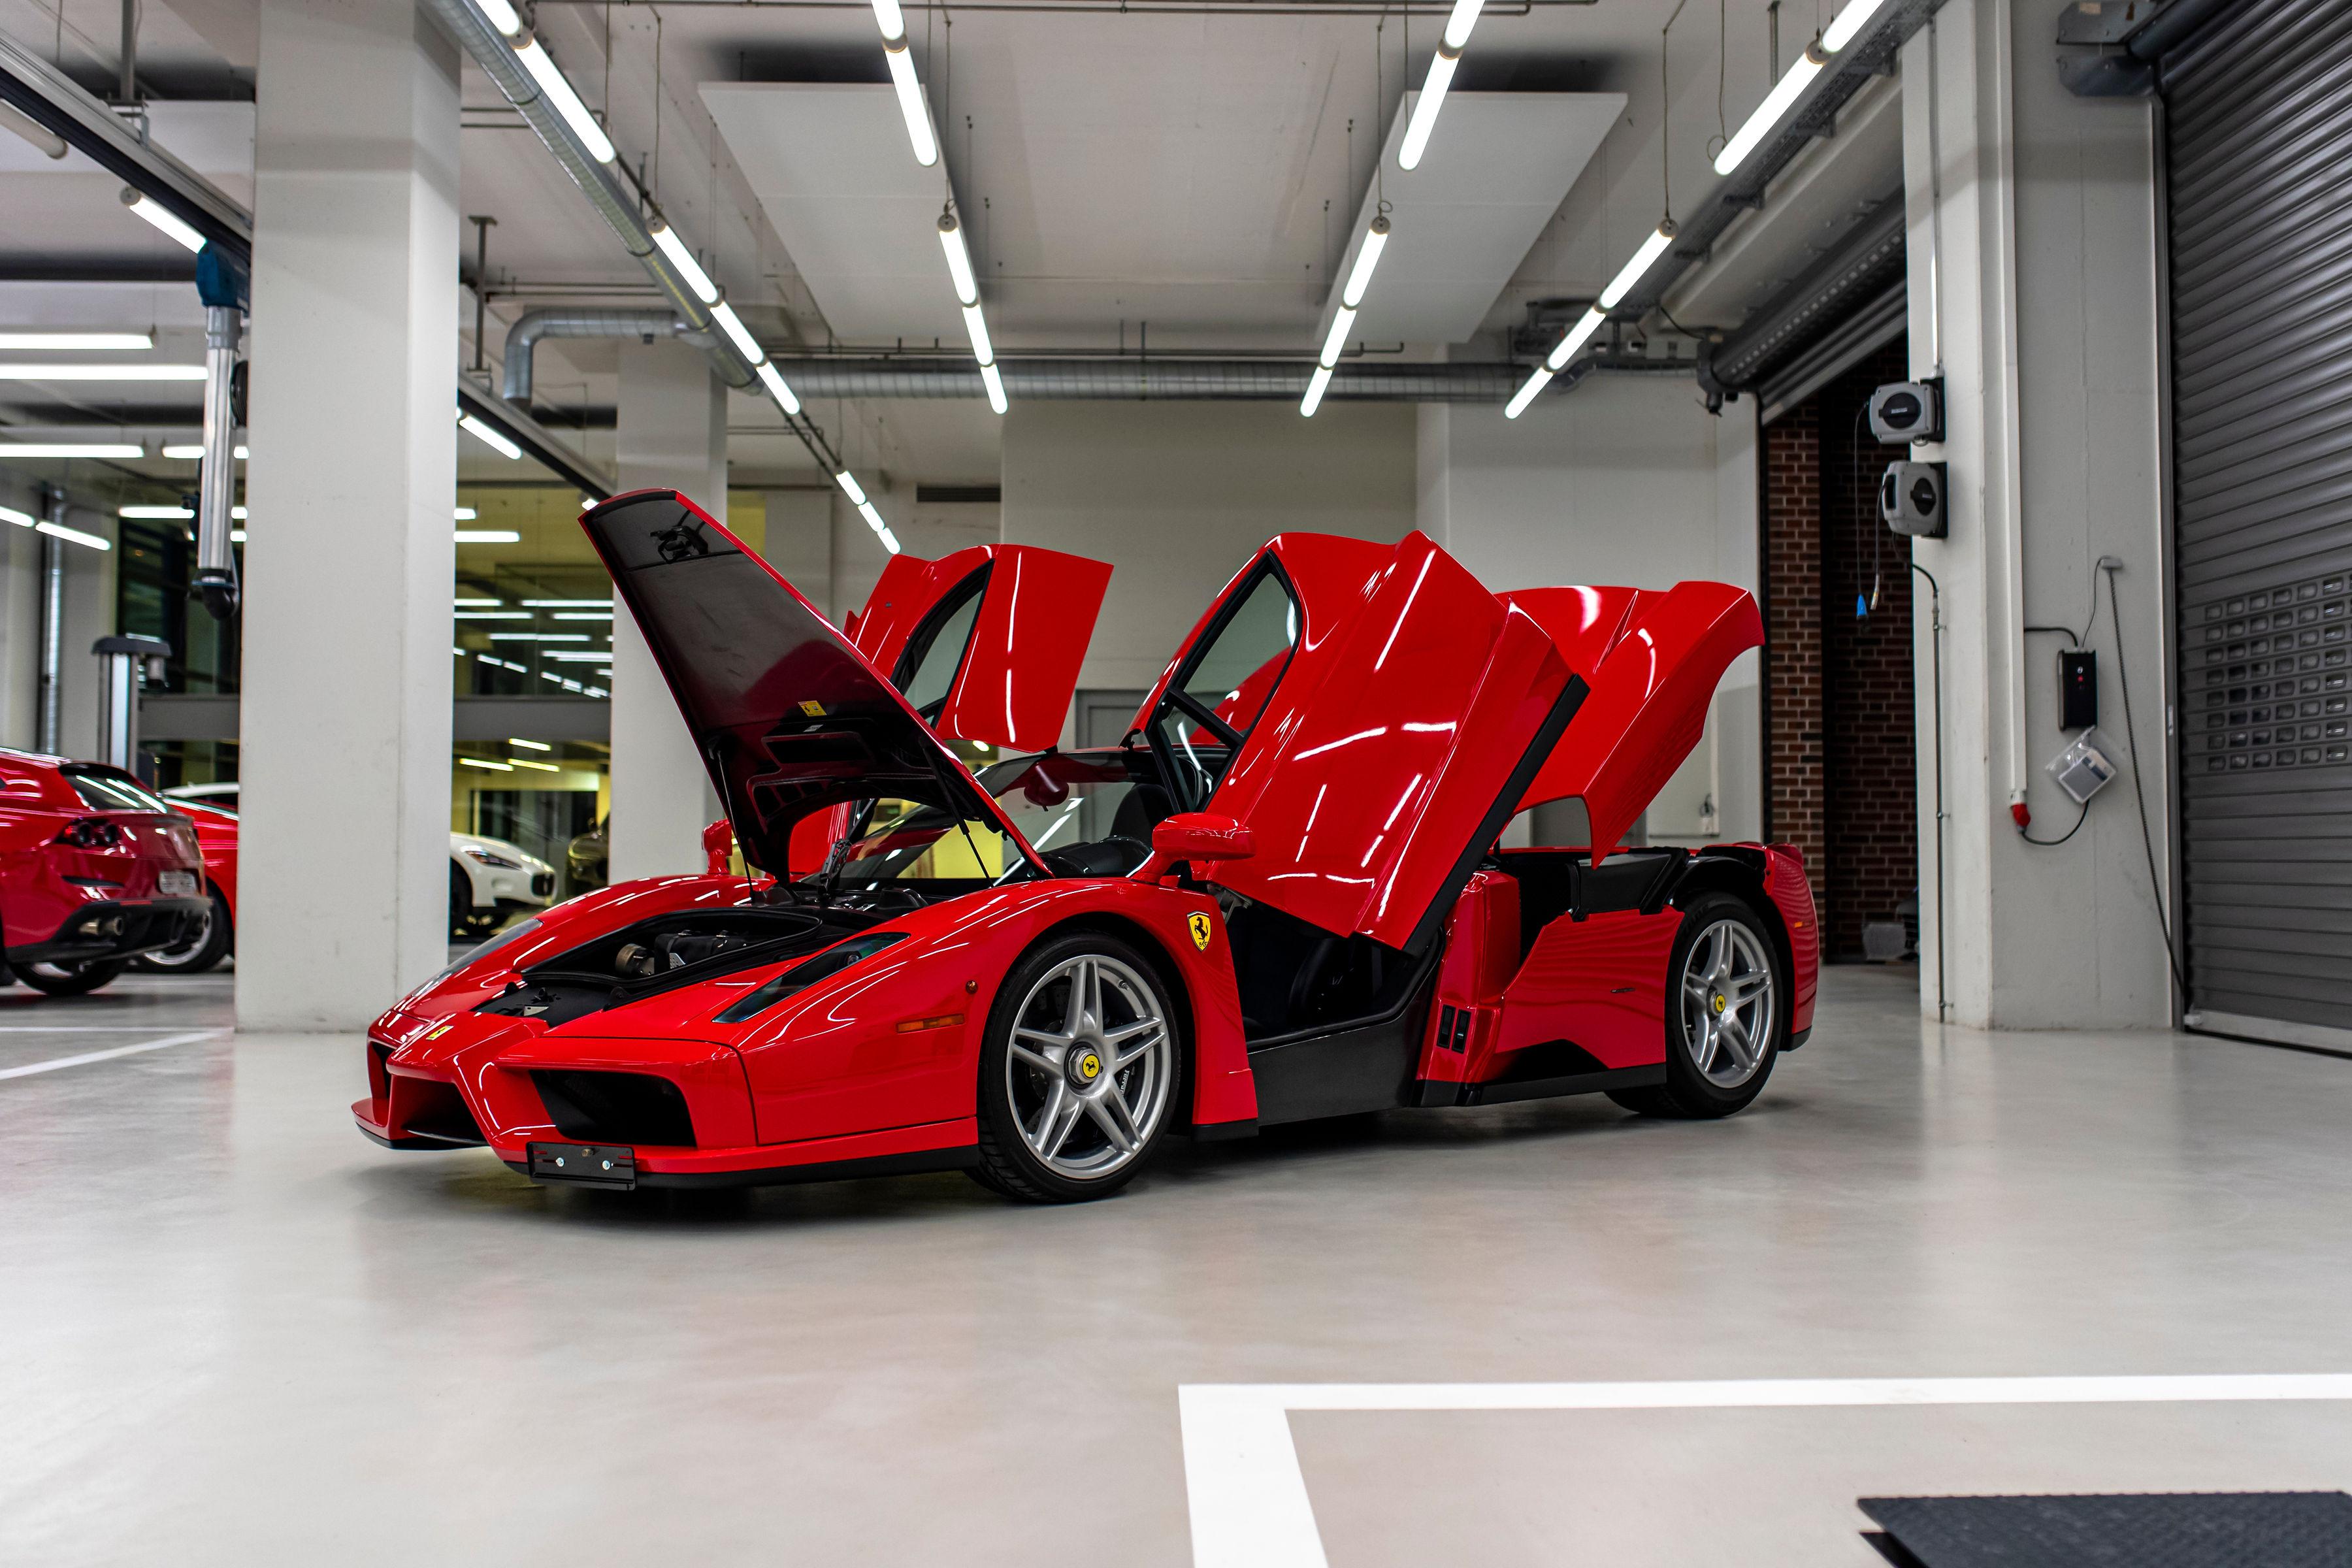 2004 Ferrari Enzo - Sebastian Vettel